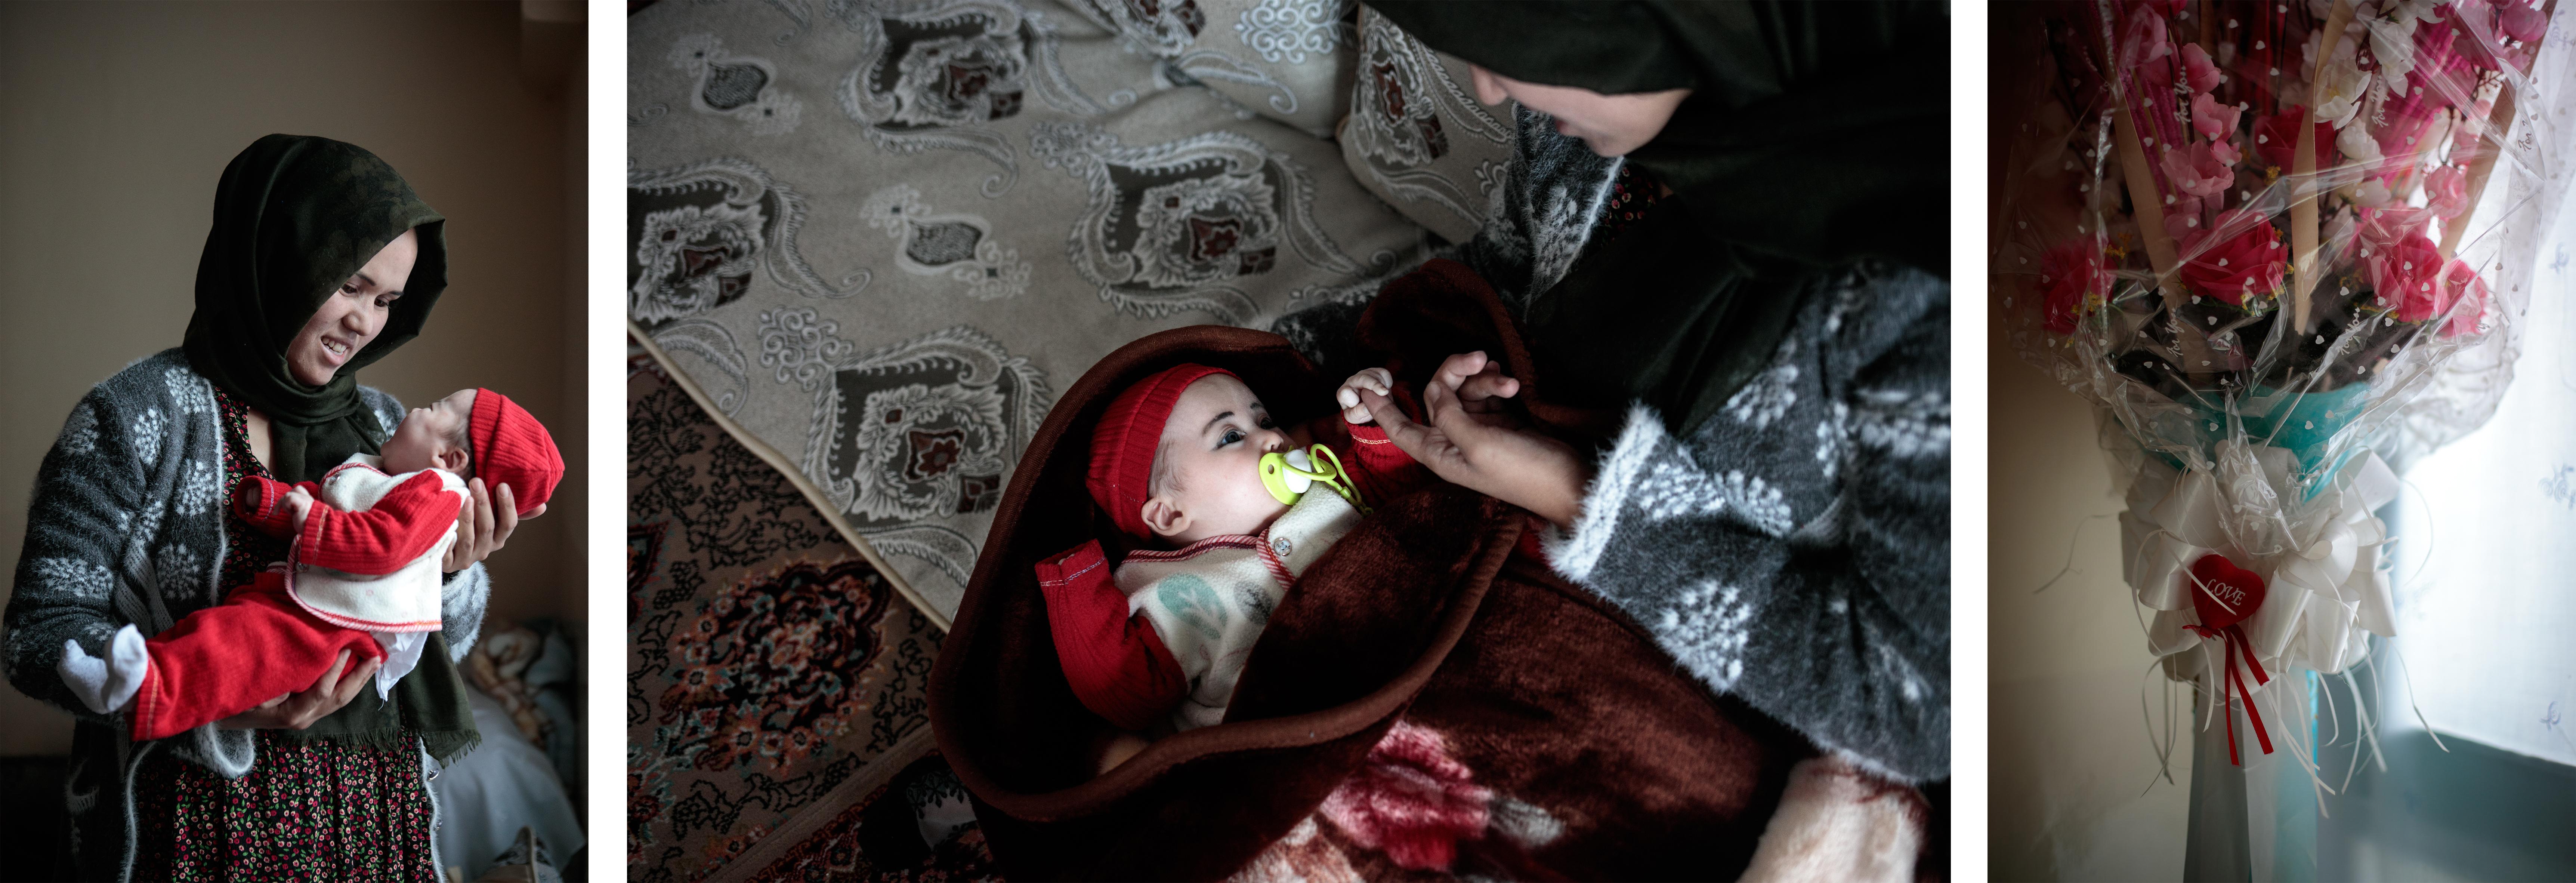 Hosnia et sa fille Illina. Shafika, la belle-mère d'Hosnia, a accouché de tous ses enfants à domicile. Il n'y avait pas d'hôpital à proximité dans leur district, ni même de sage-femme. Ce sont les femmes du village qui l'ont aidé à accoucher.